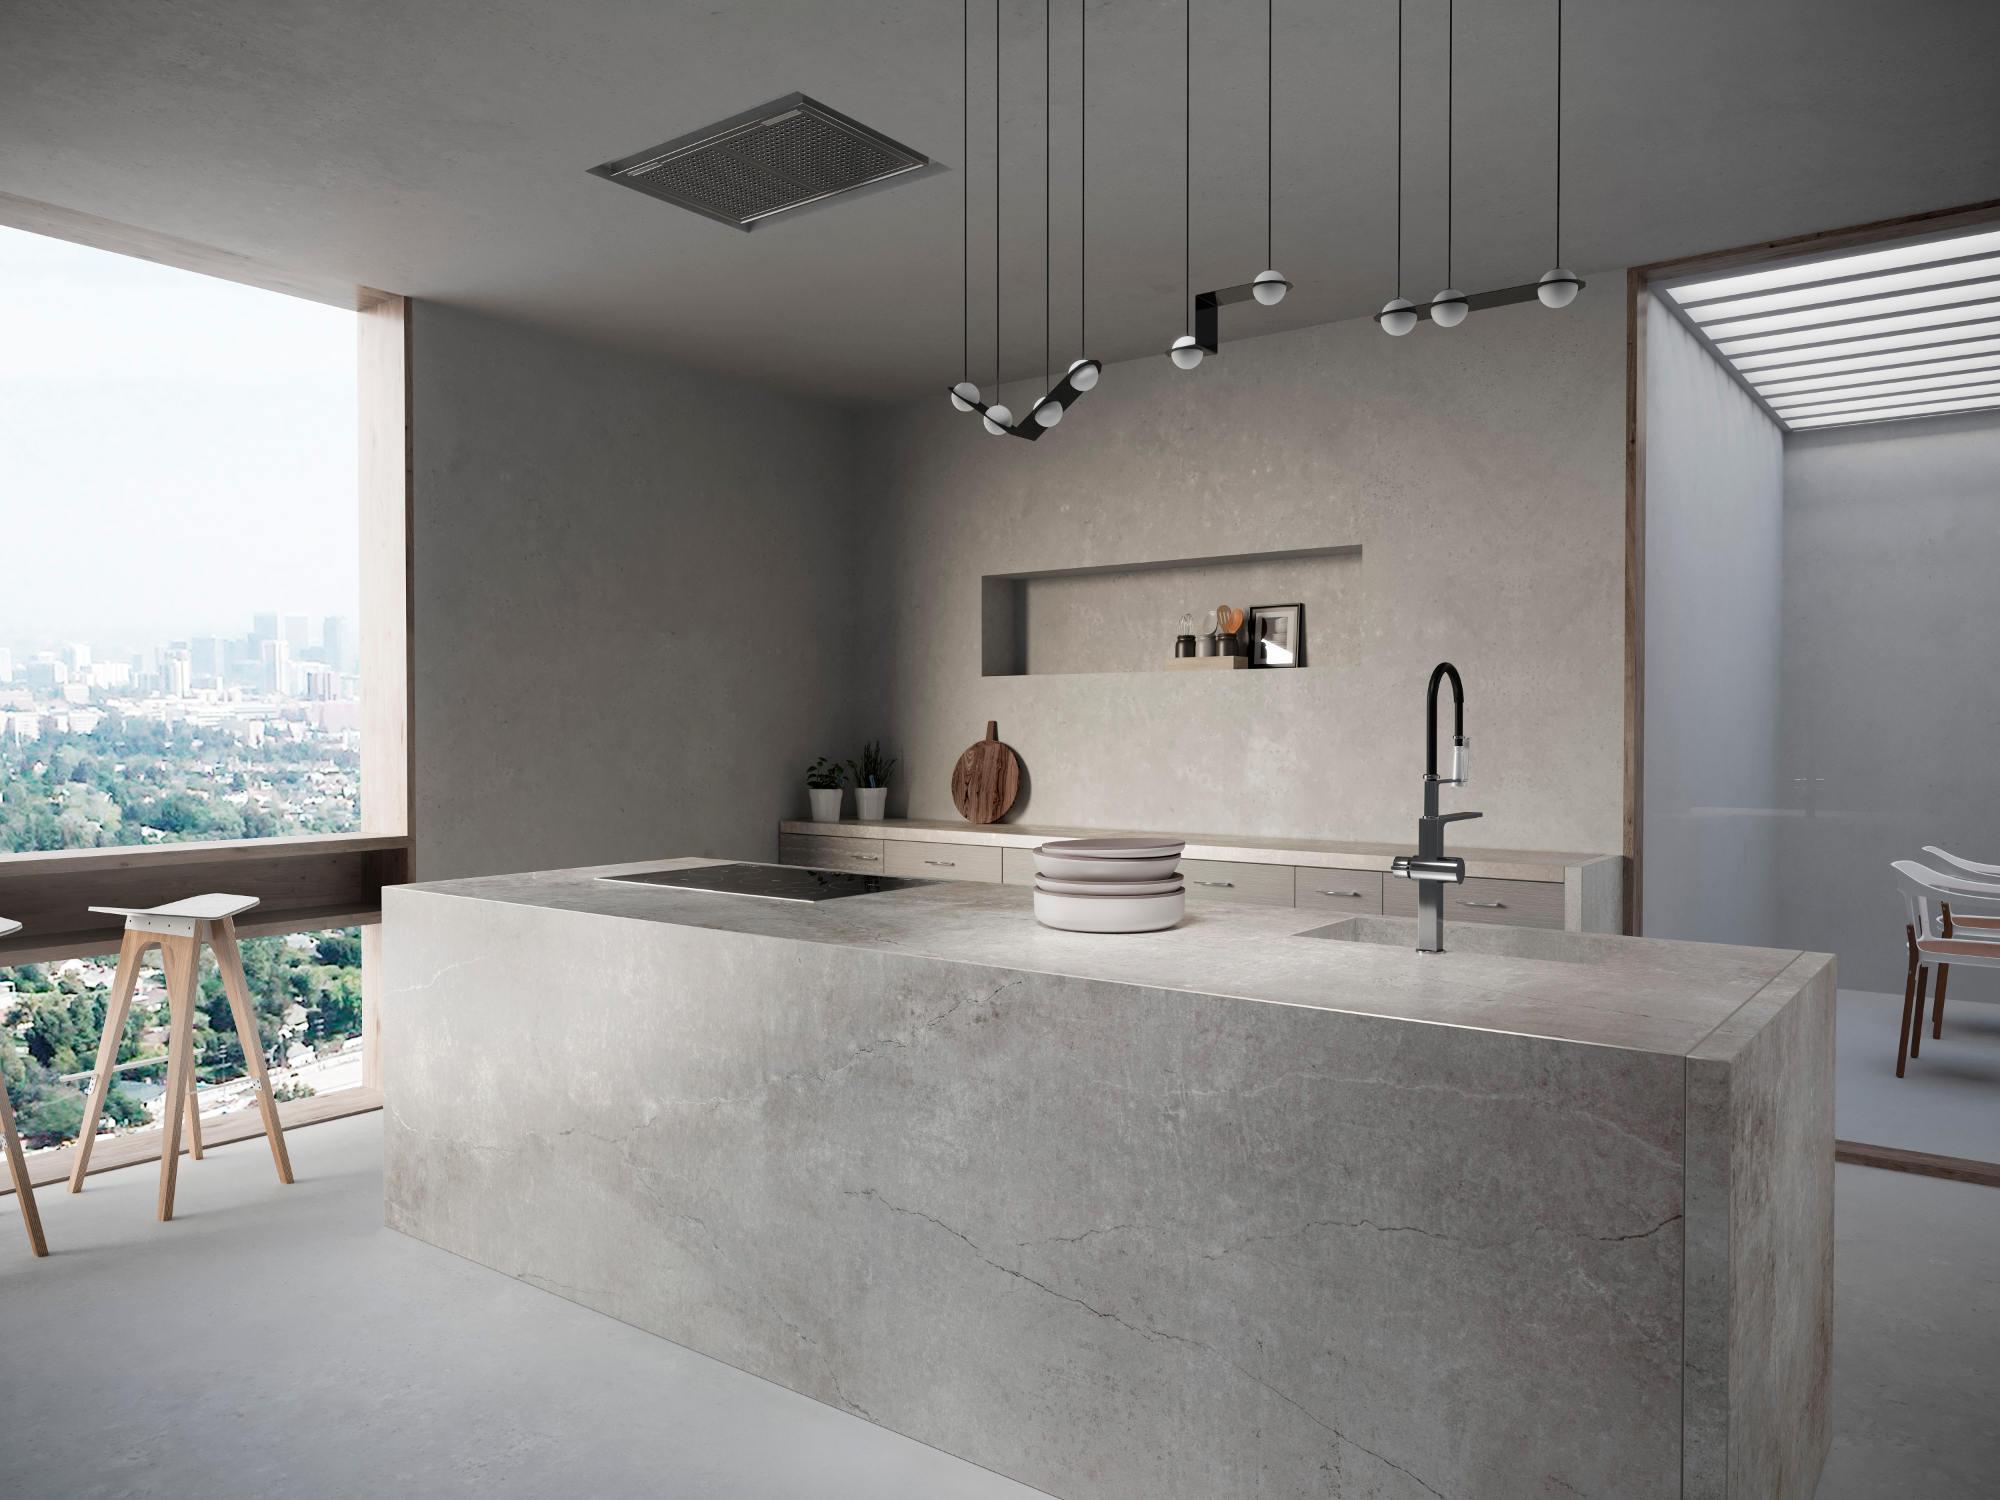 Image of Dekton Kitchen Soke in Cosentino - Cosentino